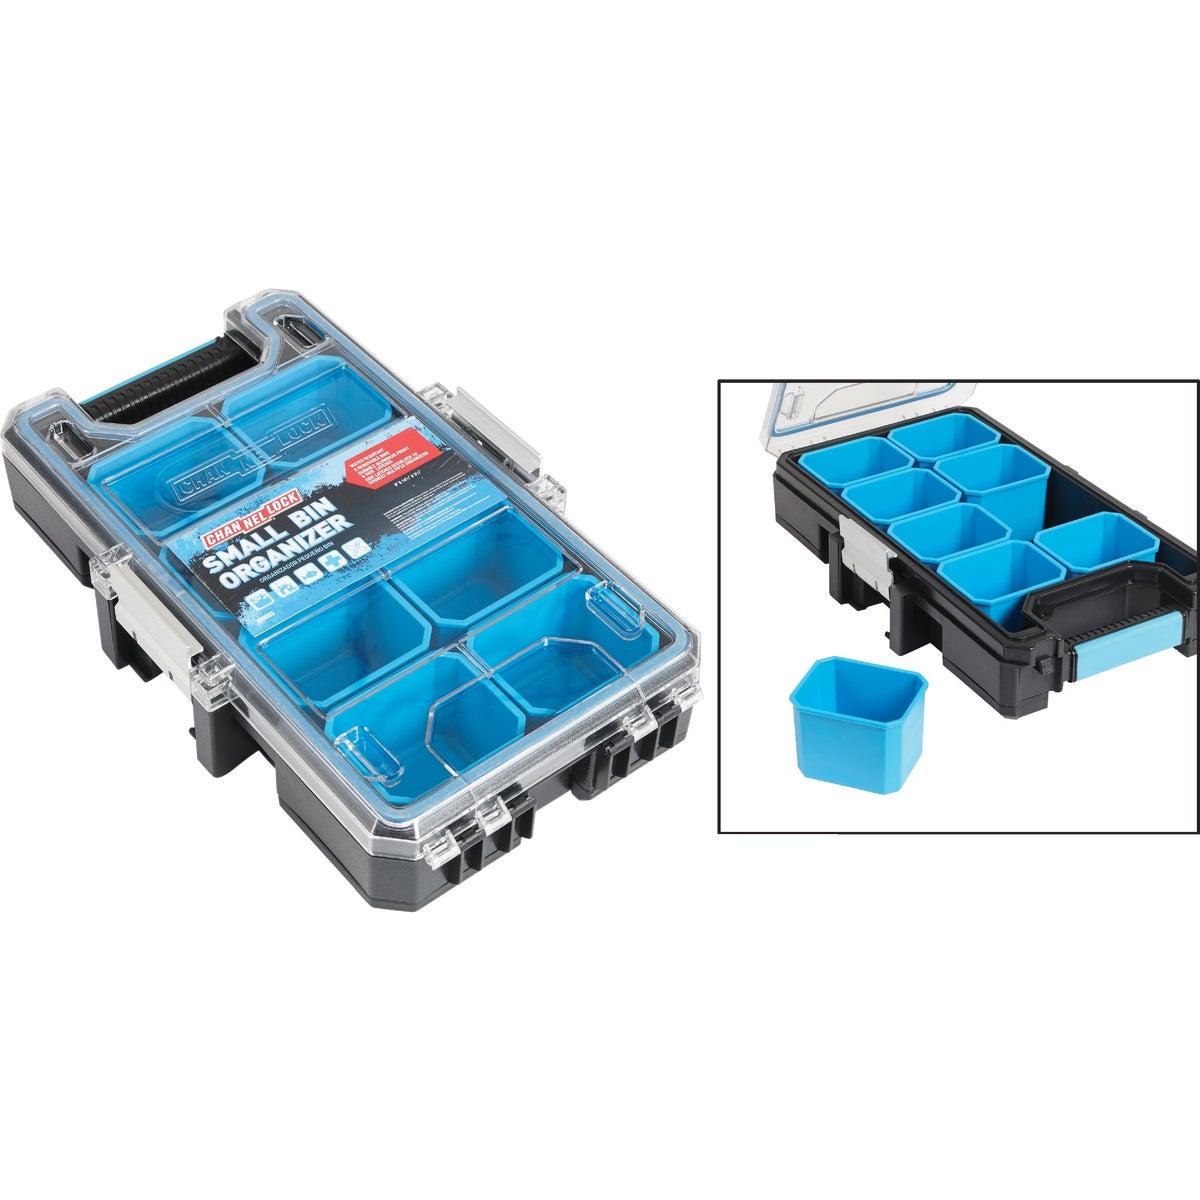 Channellock Small Parts Storage Box